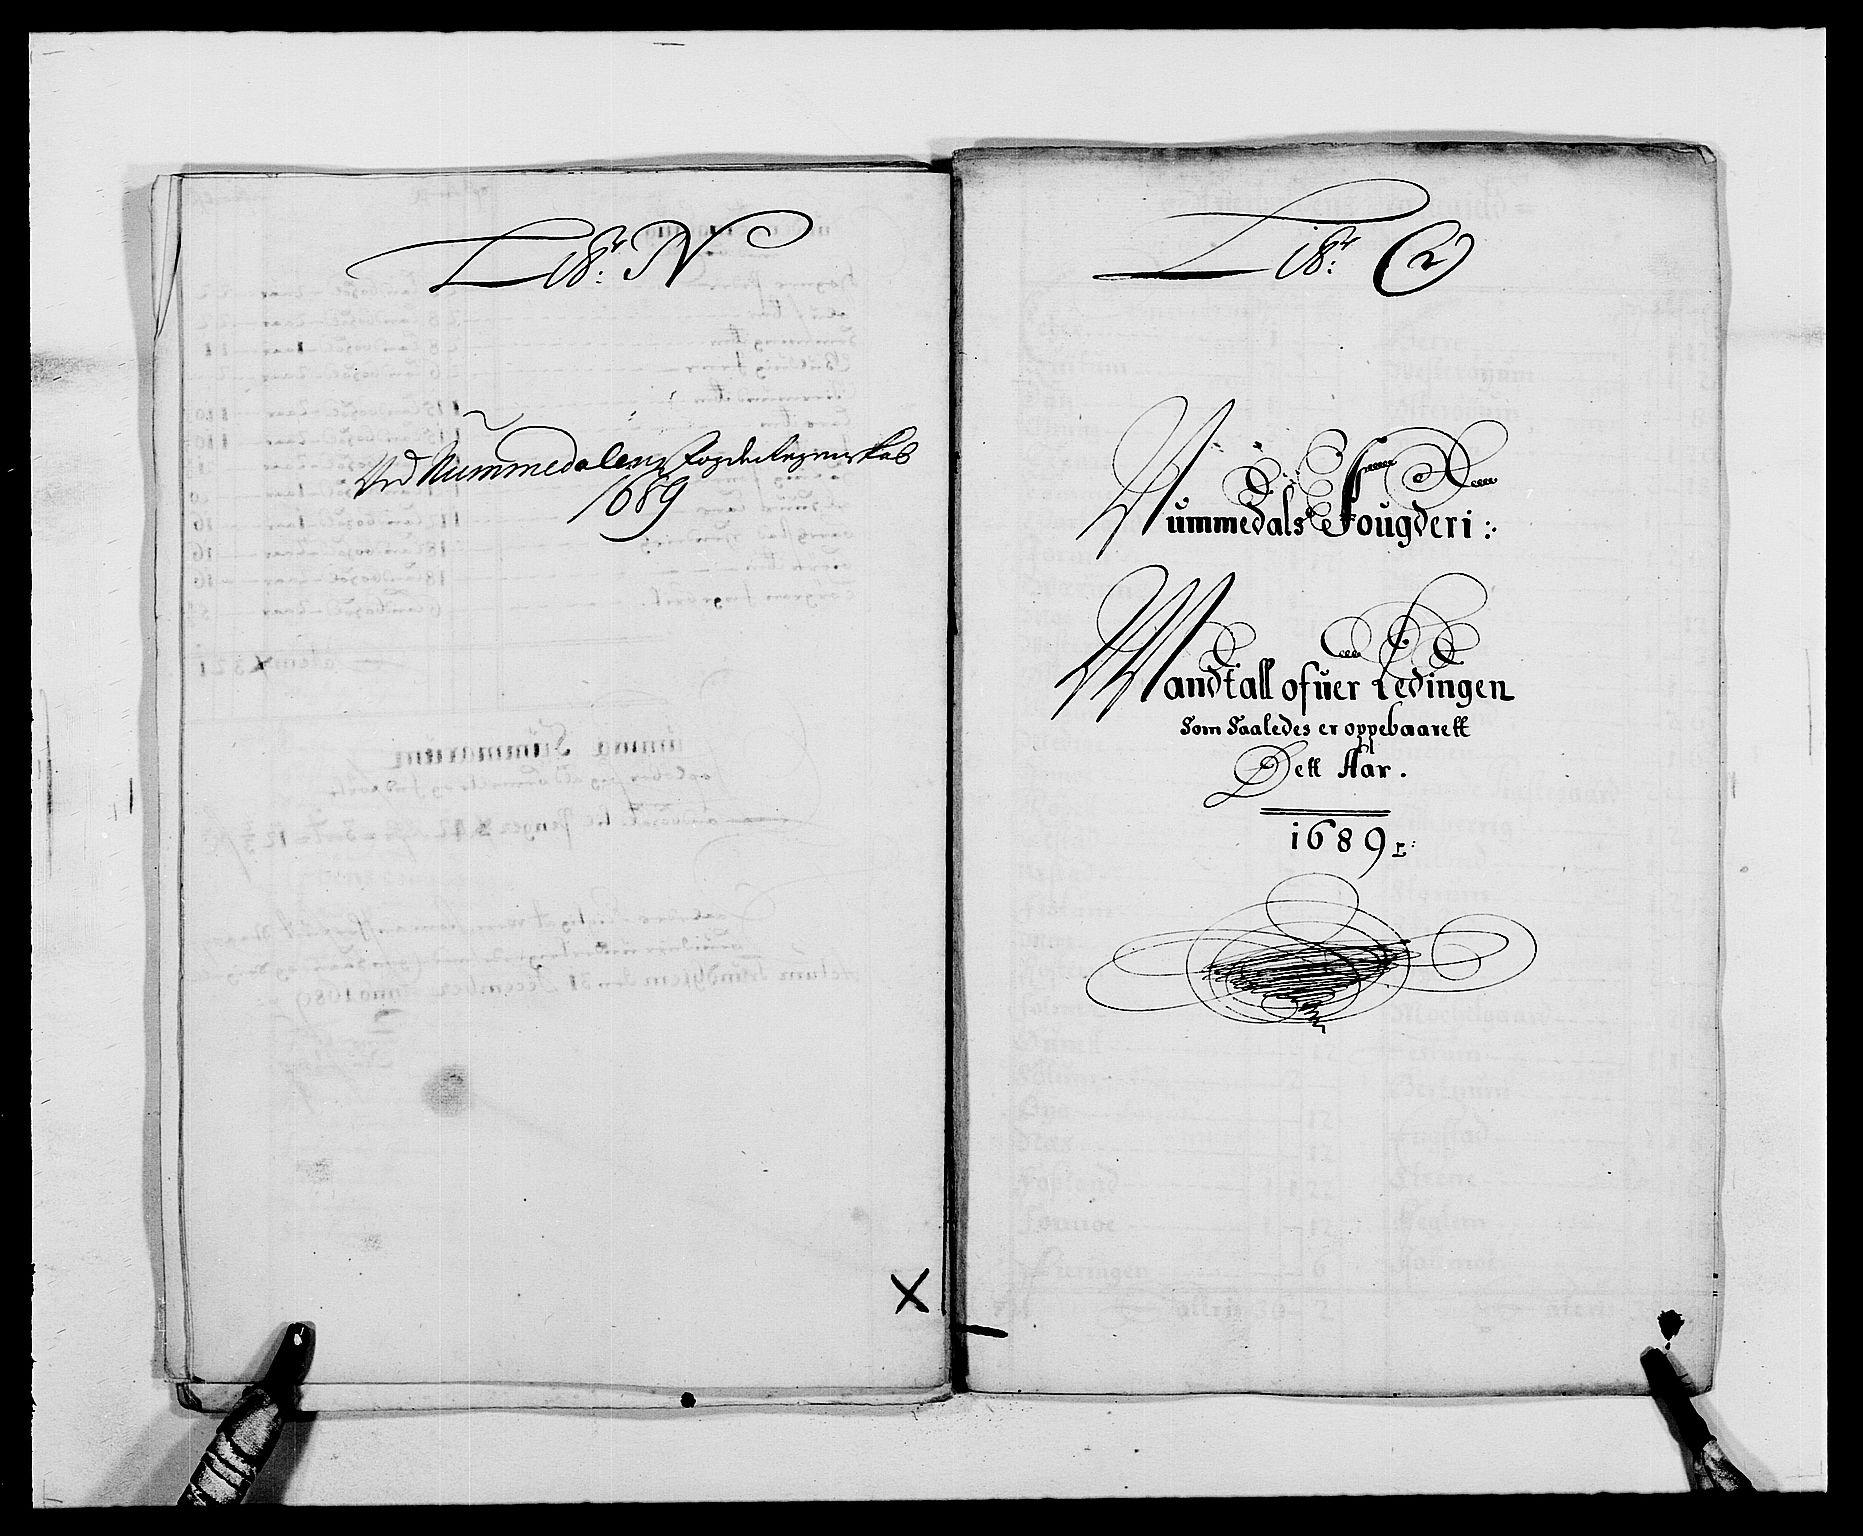 RA, Rentekammeret inntil 1814, Reviderte regnskaper, Fogderegnskap, R64/L4422: Fogderegnskap Namdal, 1687-1689, s. 271